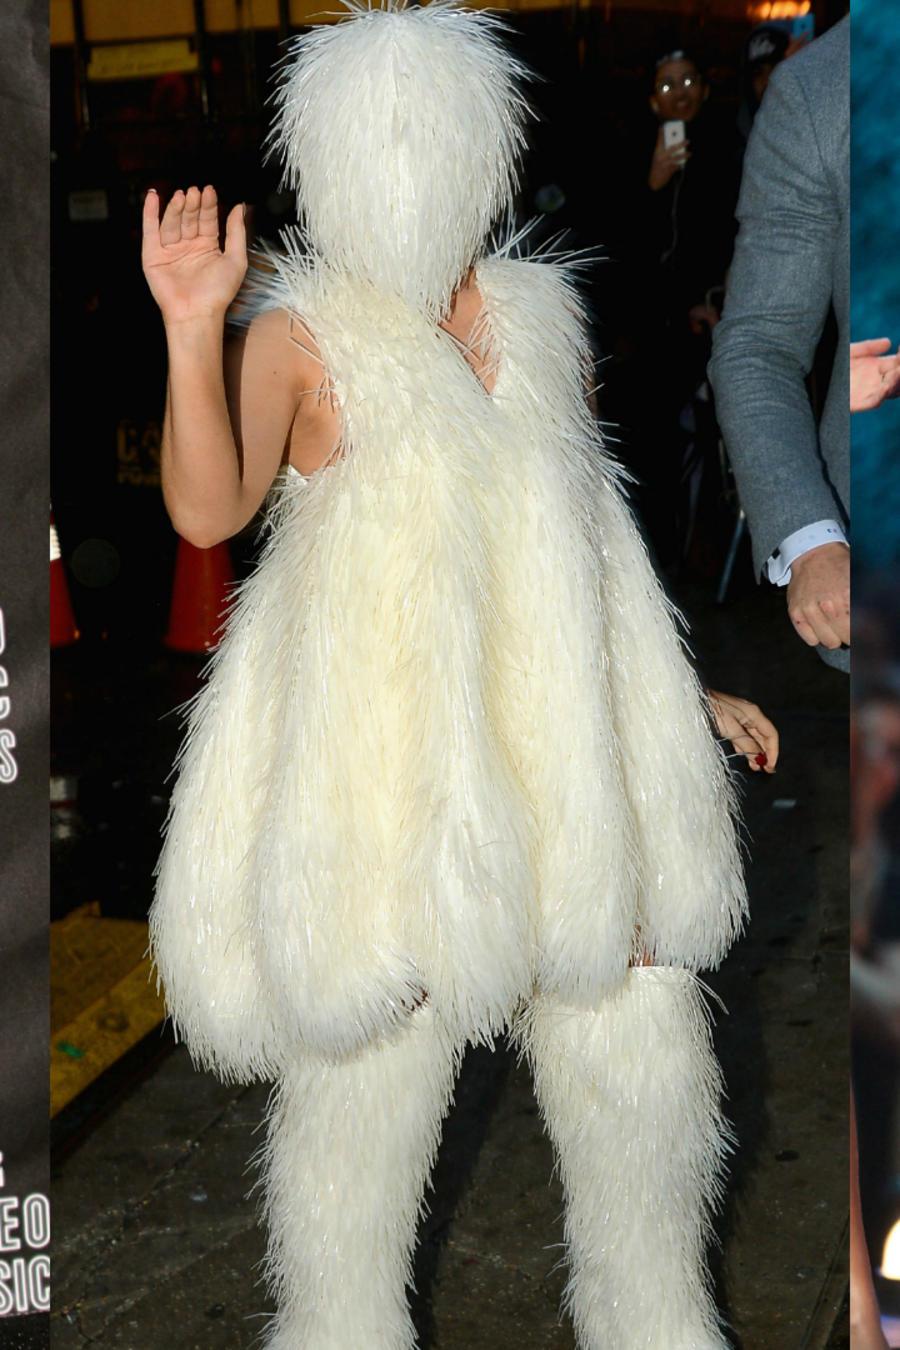 Collage de tres looks de Lady Gaga: vestido de carne, traje de peluche blanco, y encaje rojo y corona.